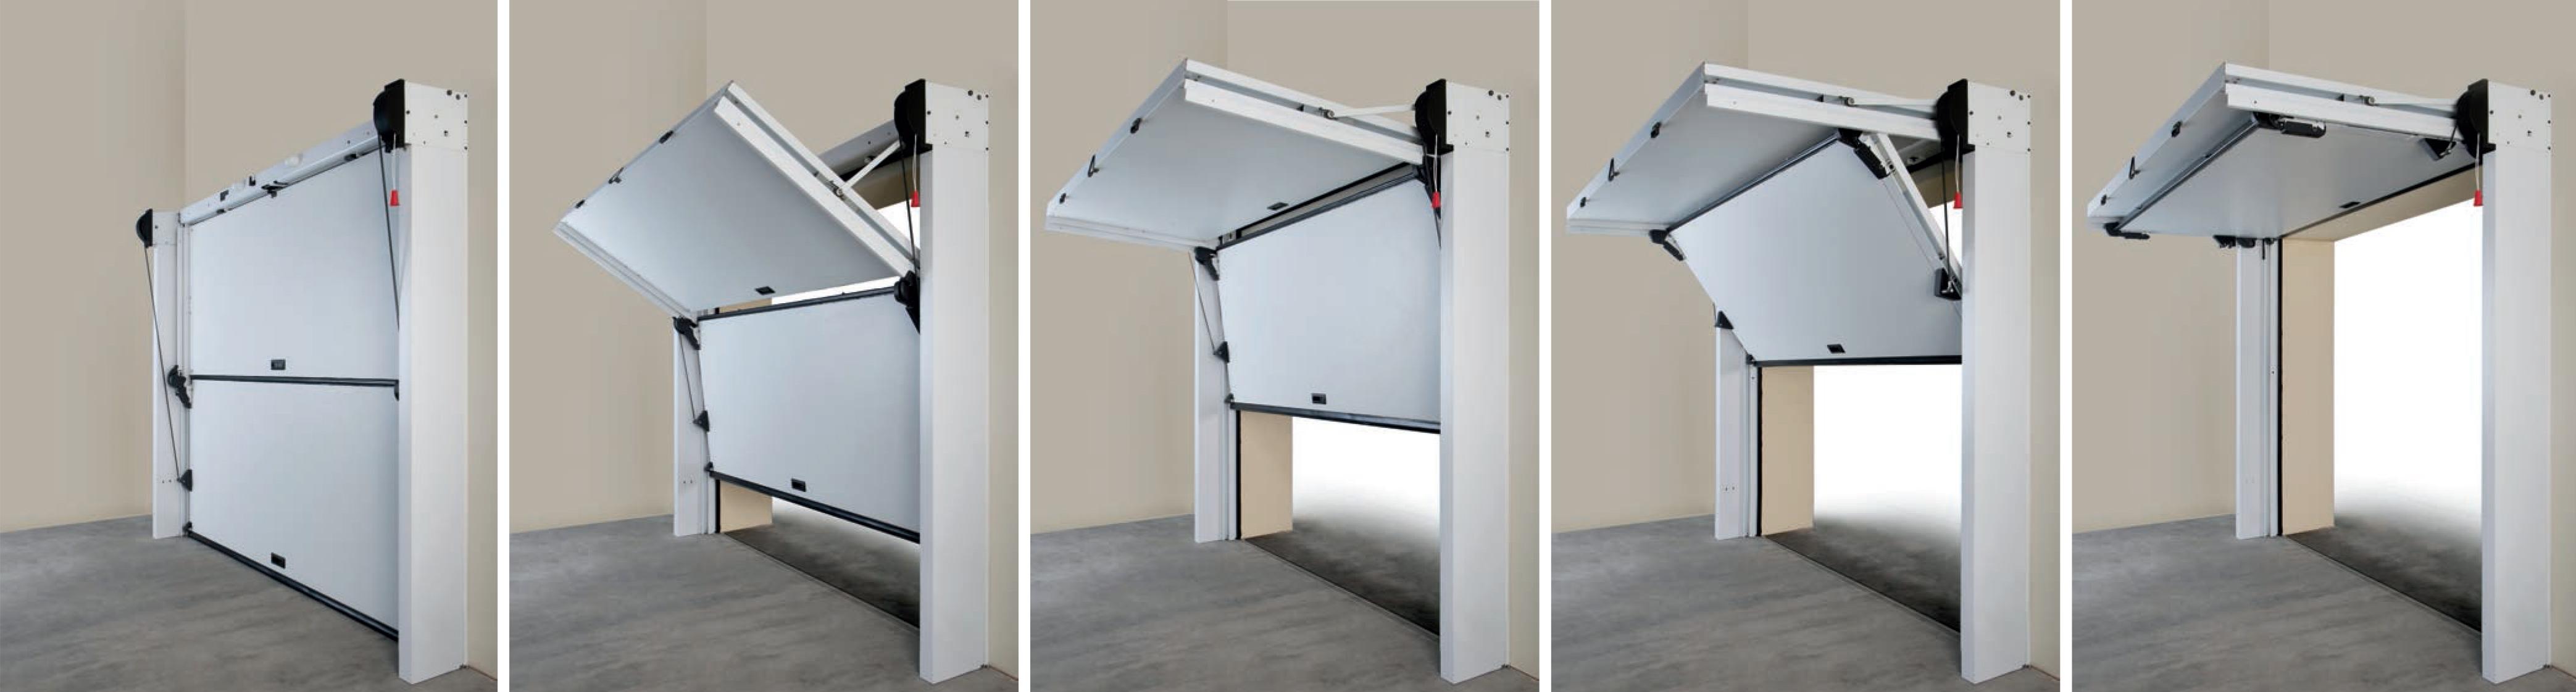 Overlap Doors - Smart Doors